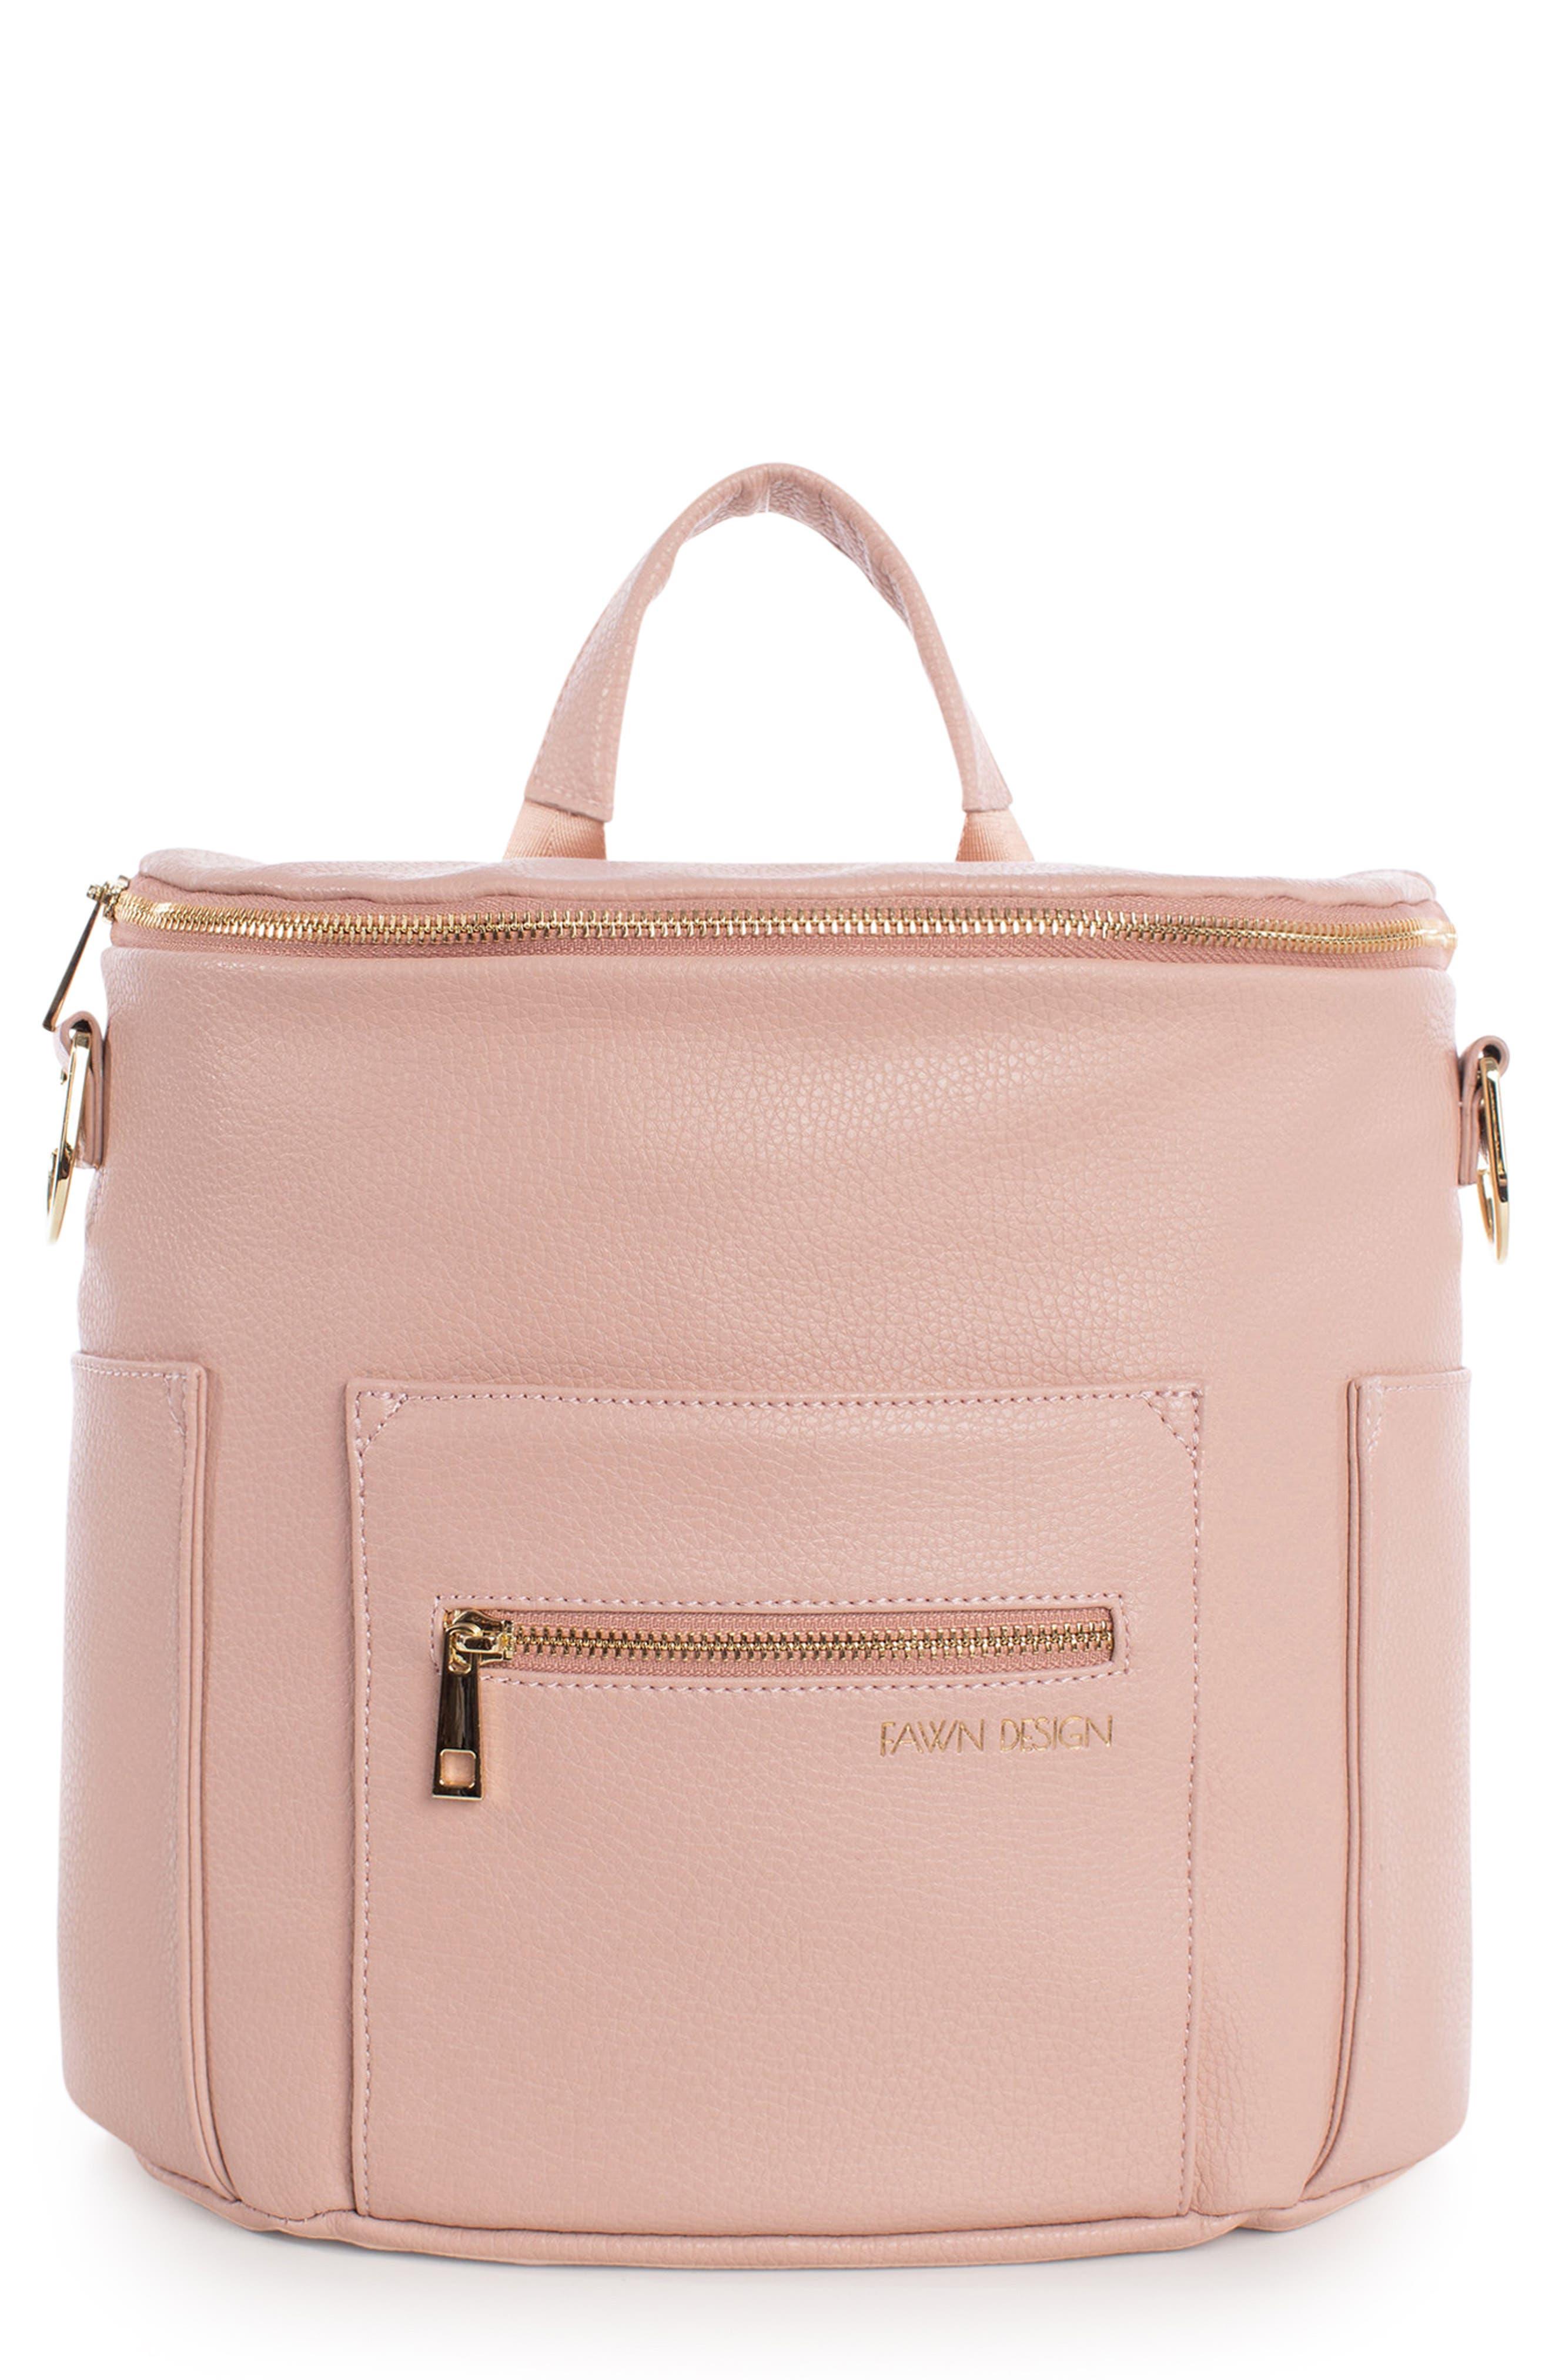 Personalised Monogram Baby Diaper Bag In Tan Vegan Leather Gift Elegant Appearance Mixed Items & Lots